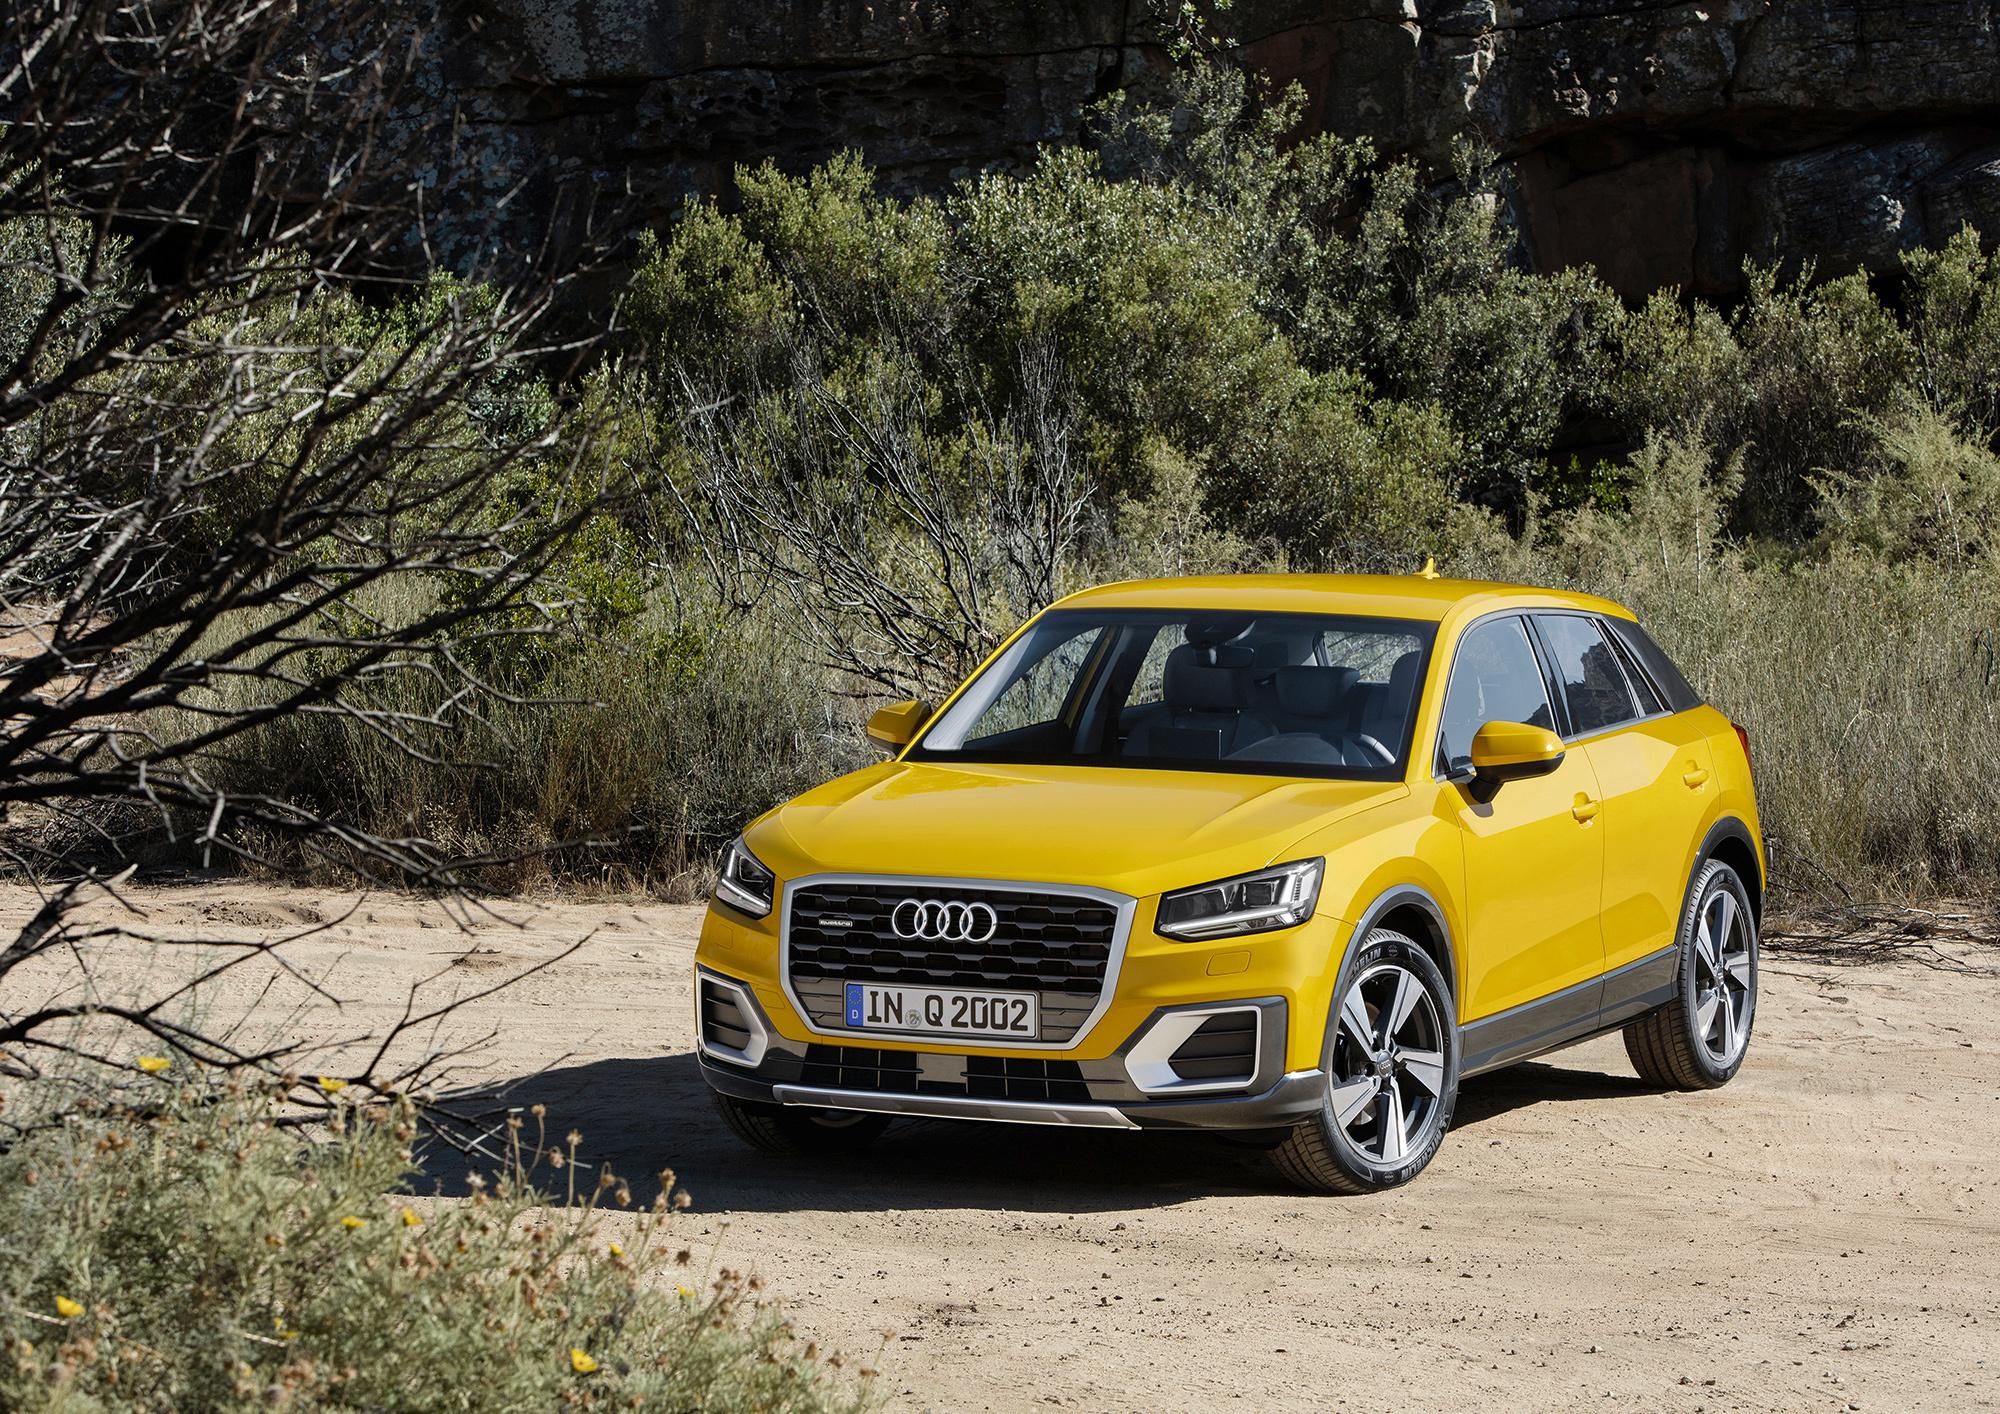 Audi Q2 Photos